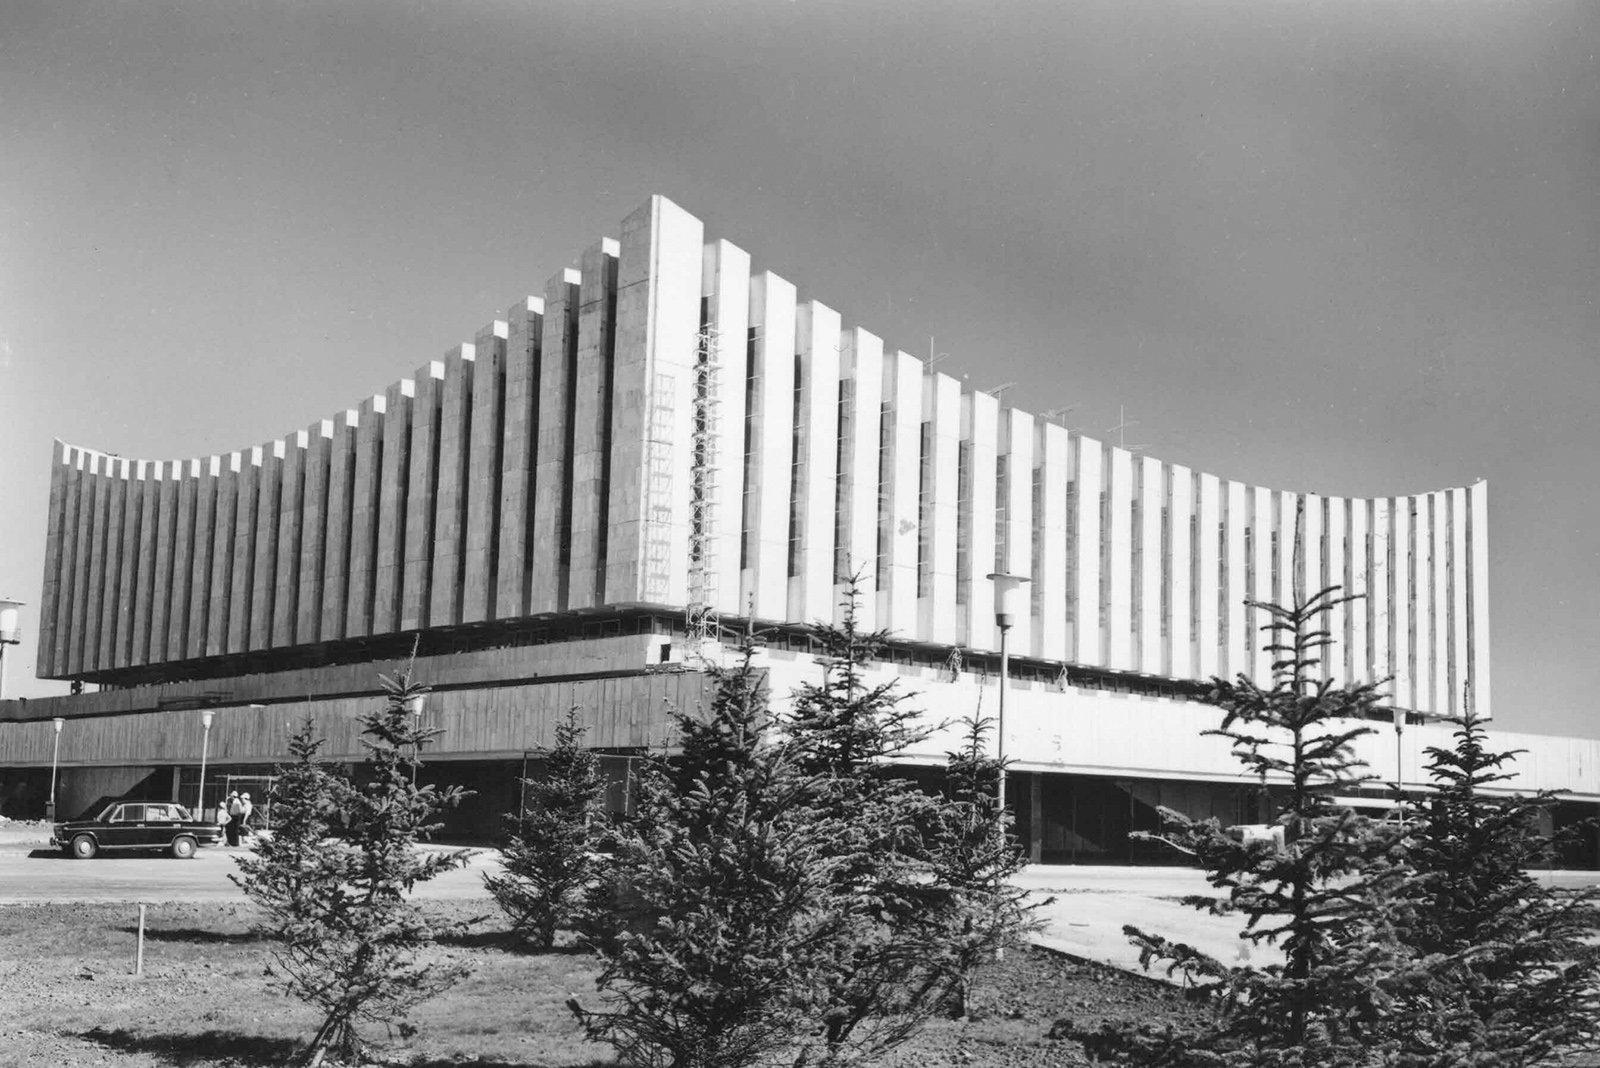 Дворец спорта «Измайлово». Автор В. Егоров. 1979 год. Главархив Москвы